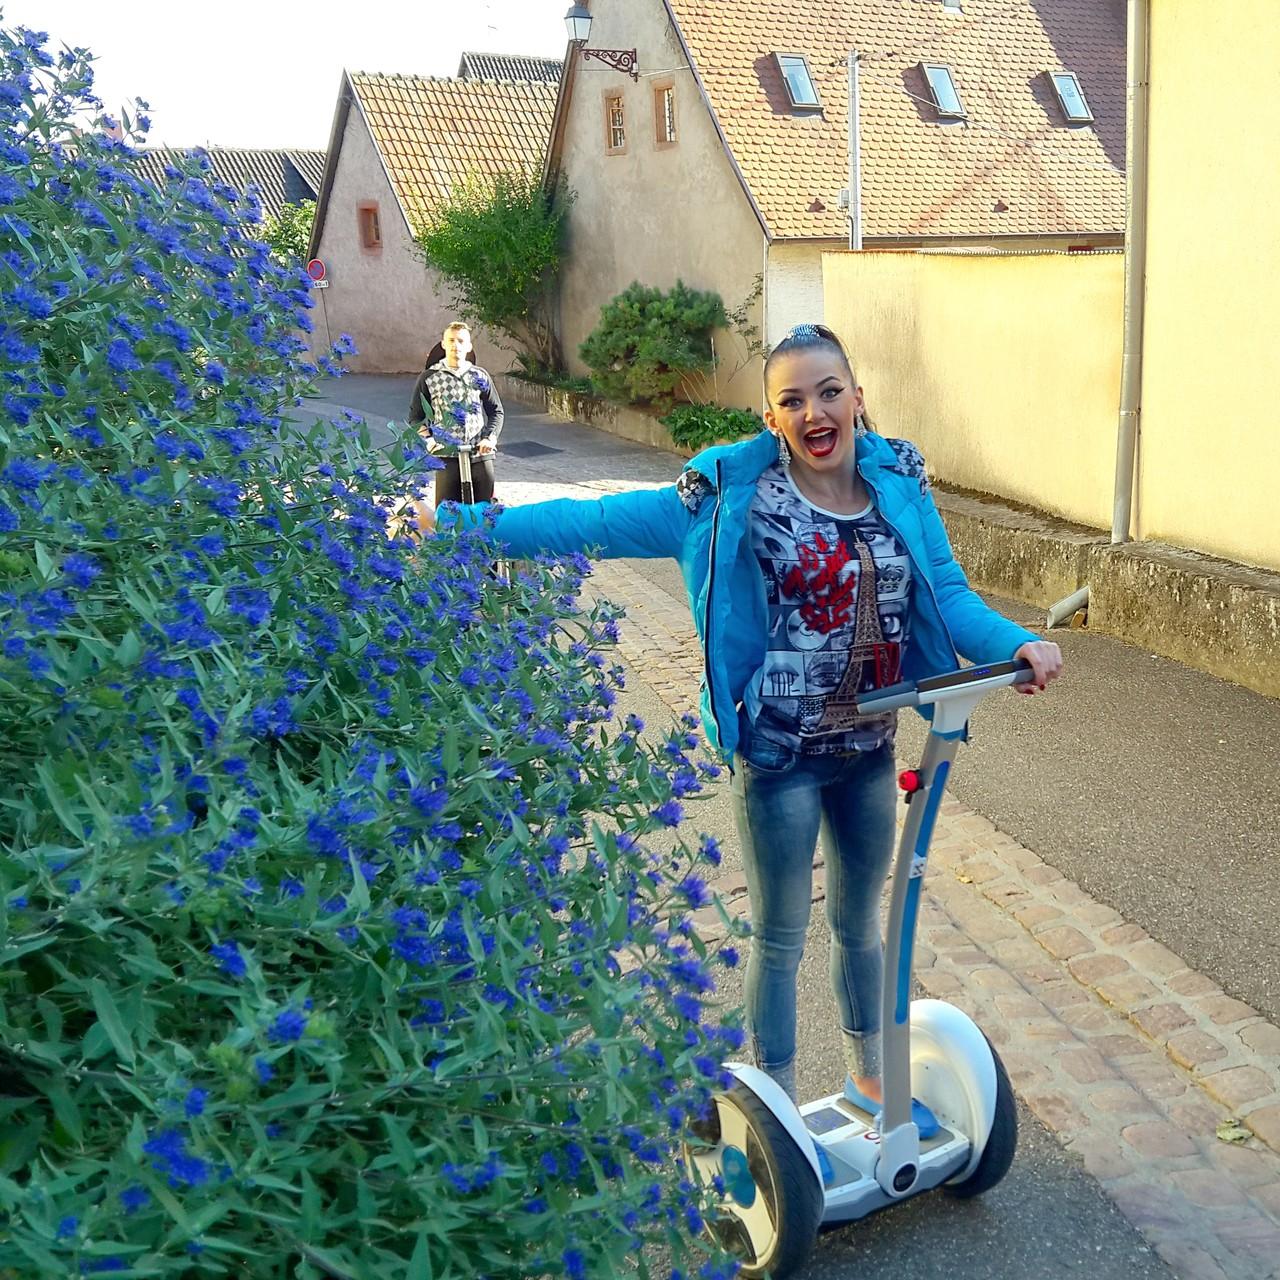 FUN MOVING GYROPODE SEGWAY EN ALSACE - Elsass Cancan, Le Paradis des Sources